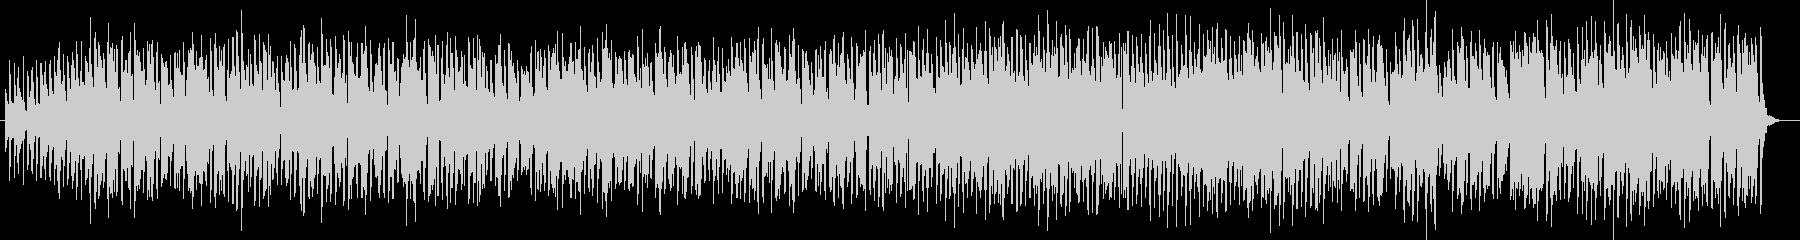 軽快なアコーディオンワルツの未再生の波形